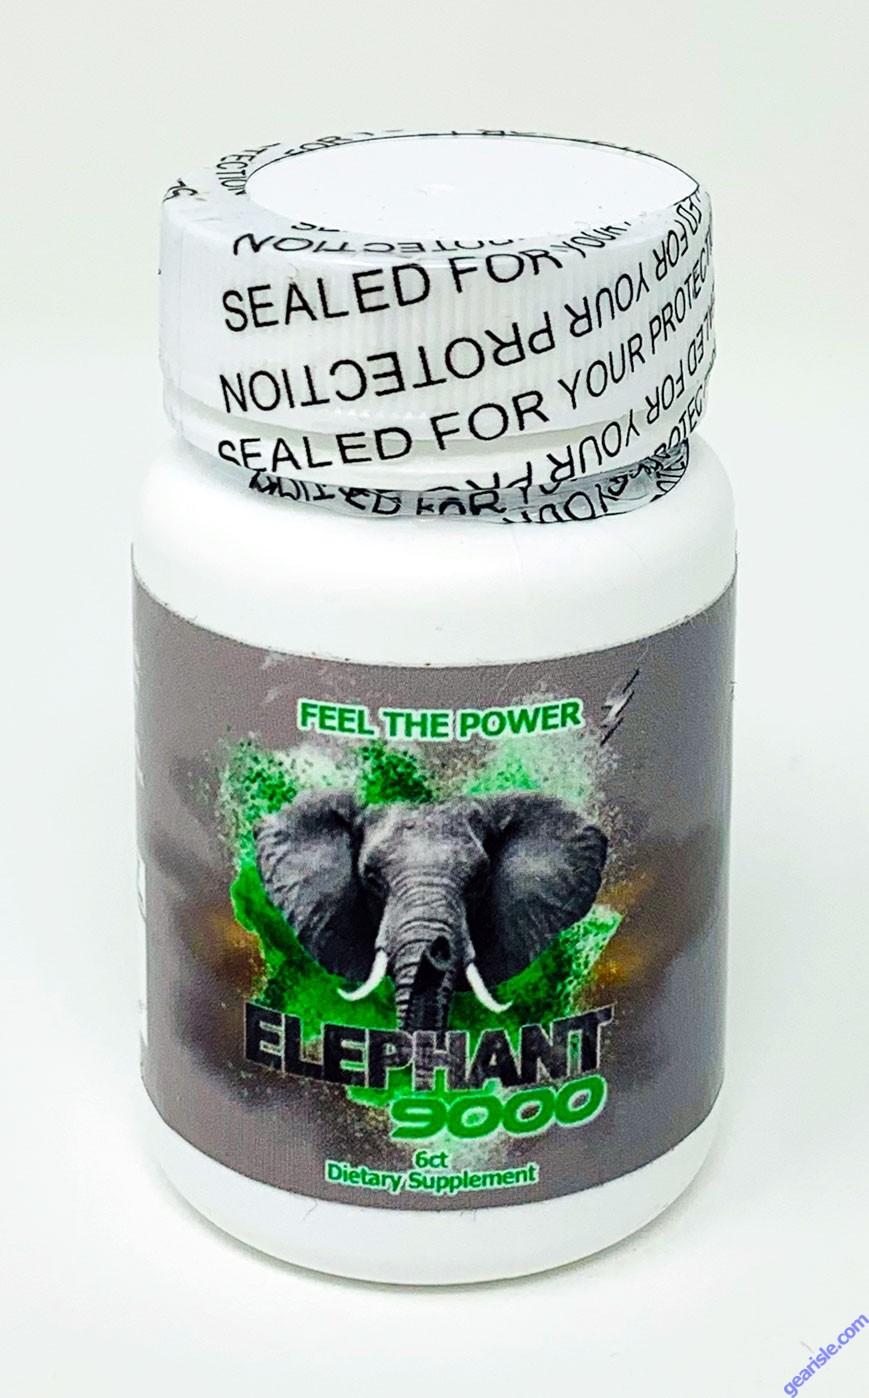 Elephant 9000 Male Enhancement 6 Count Bottle Pill